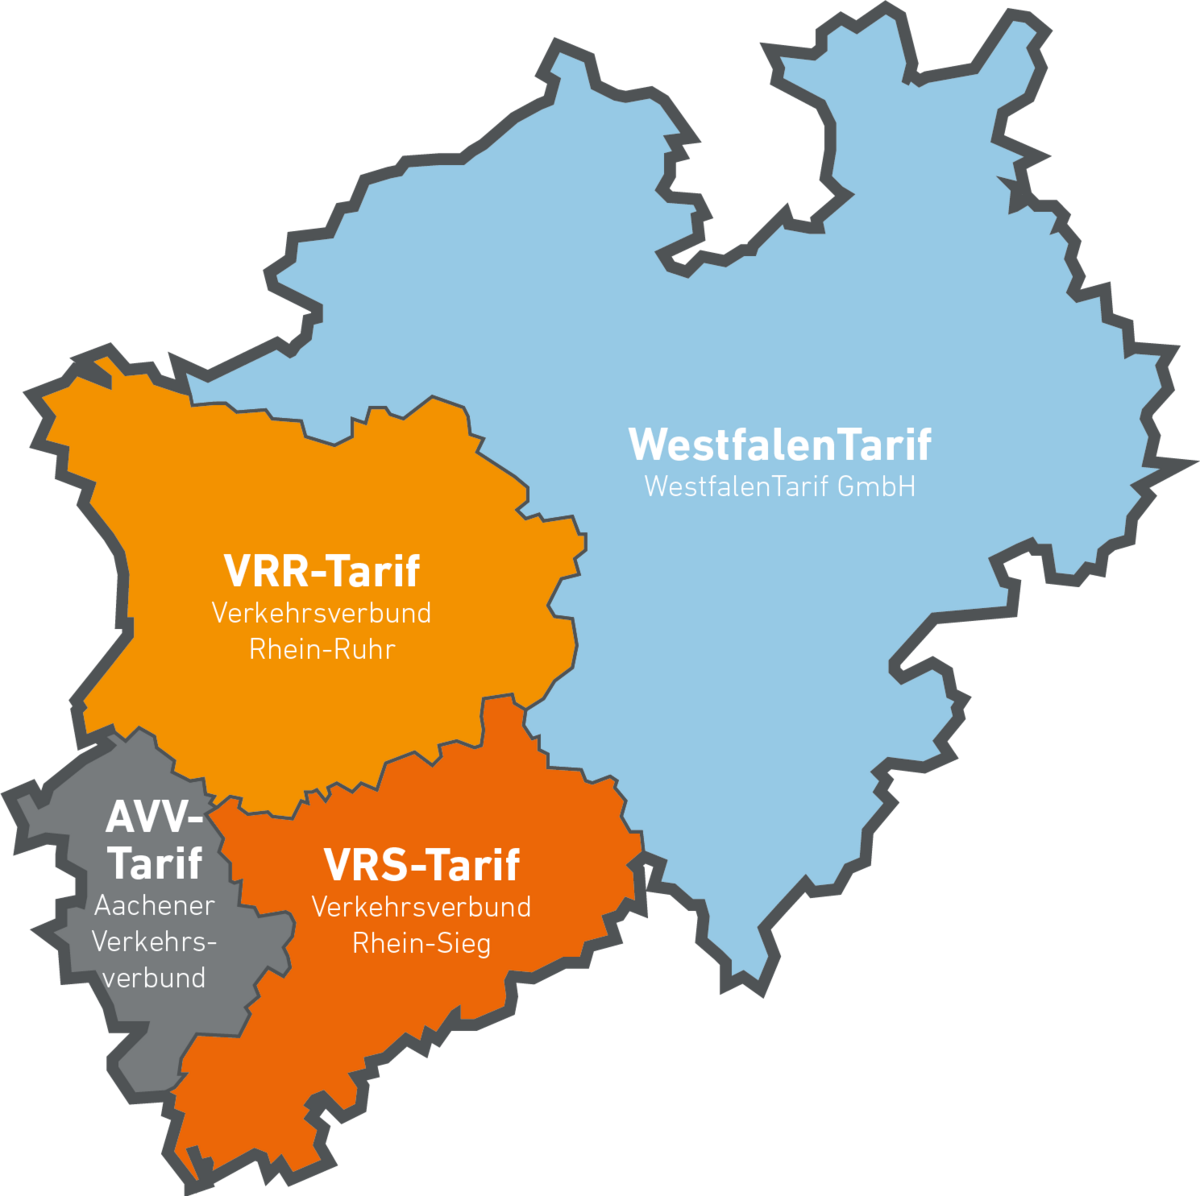 Eine Übersichtskarte der Tarifgebiete in NRW